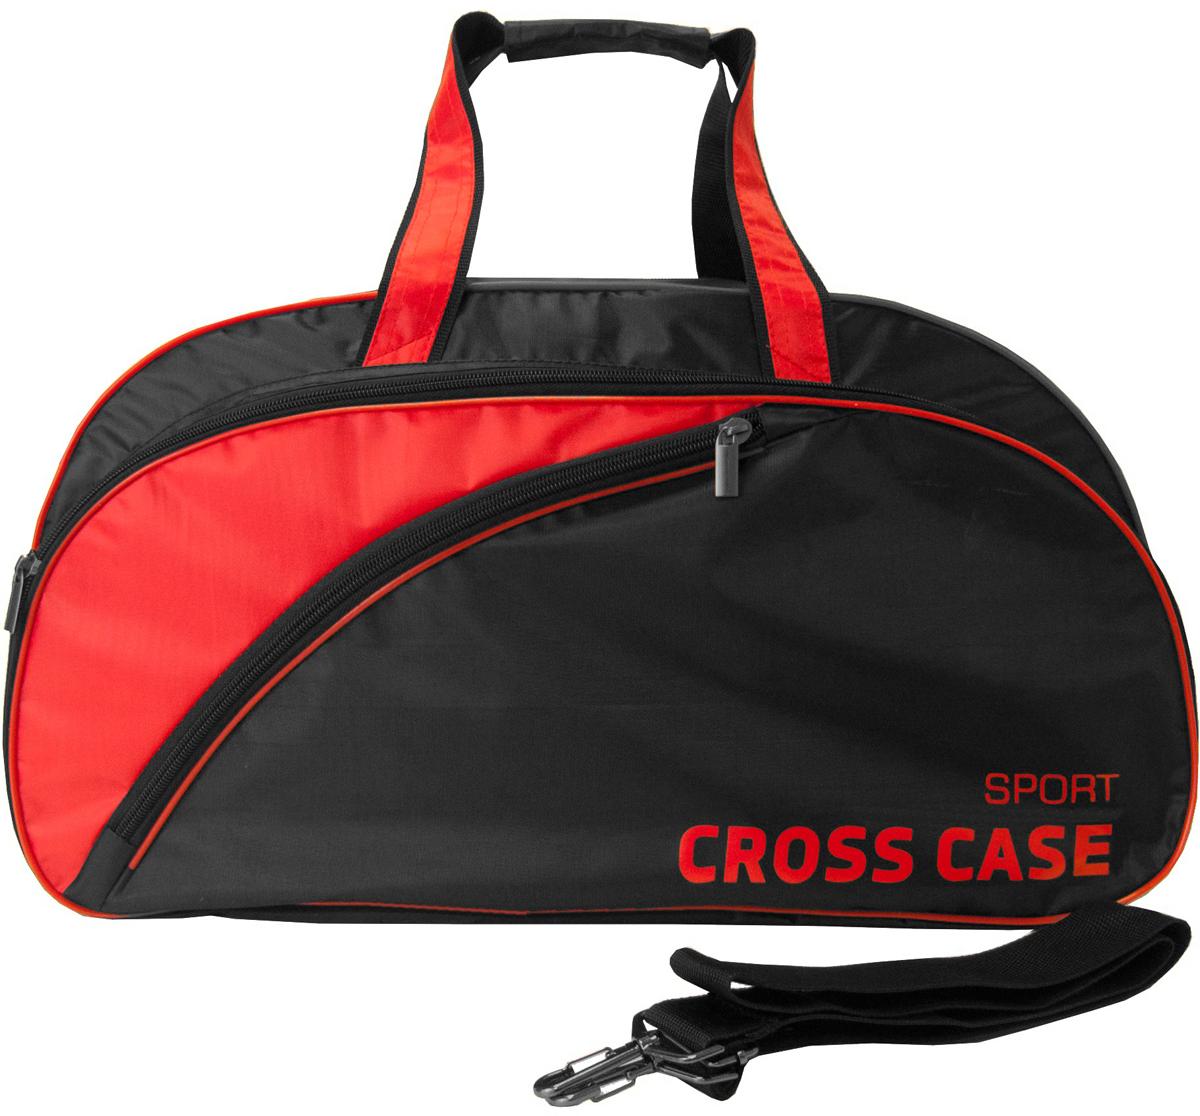 Сумка мужская Cross Case, цвет: черный, красный. CCS-1039-01CCS-1039-01Спортивная сумка Cross Case имеет одно внутреннее отделение, наружный объемный карман на молнии 52 х 23 х 3 см, наружный фигурный карман на молнии 45 х 21 см. Регулируемый съемный наплечный ремень, высота ручек для переноски 17 см.